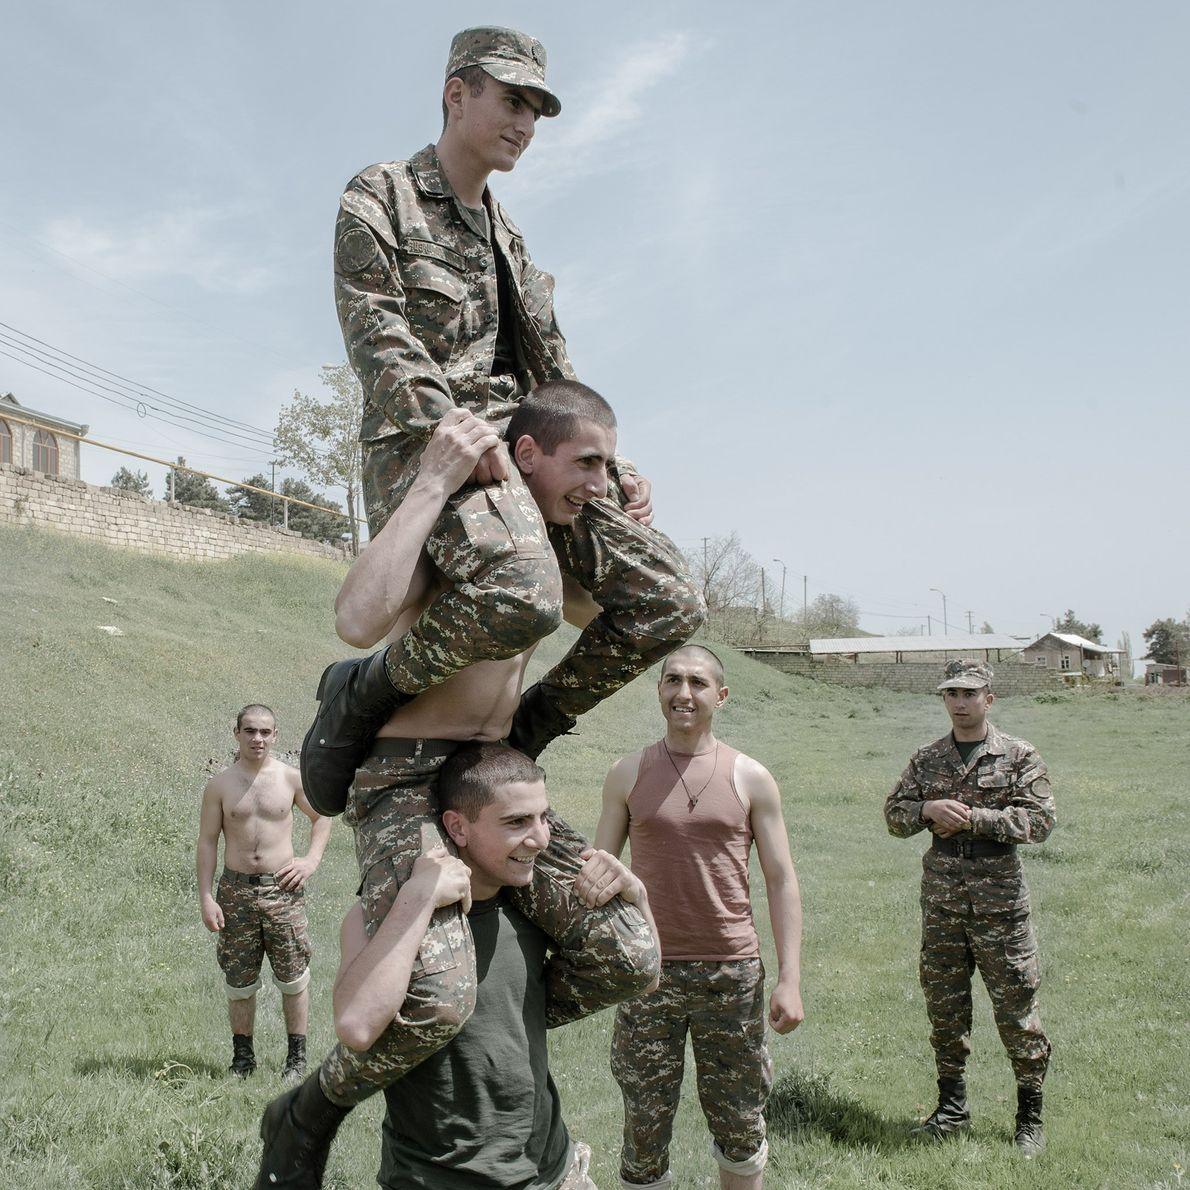 Un moment de détente pour les jeunes soldats arméniens et les autres qui appartiennent aux minorités ...